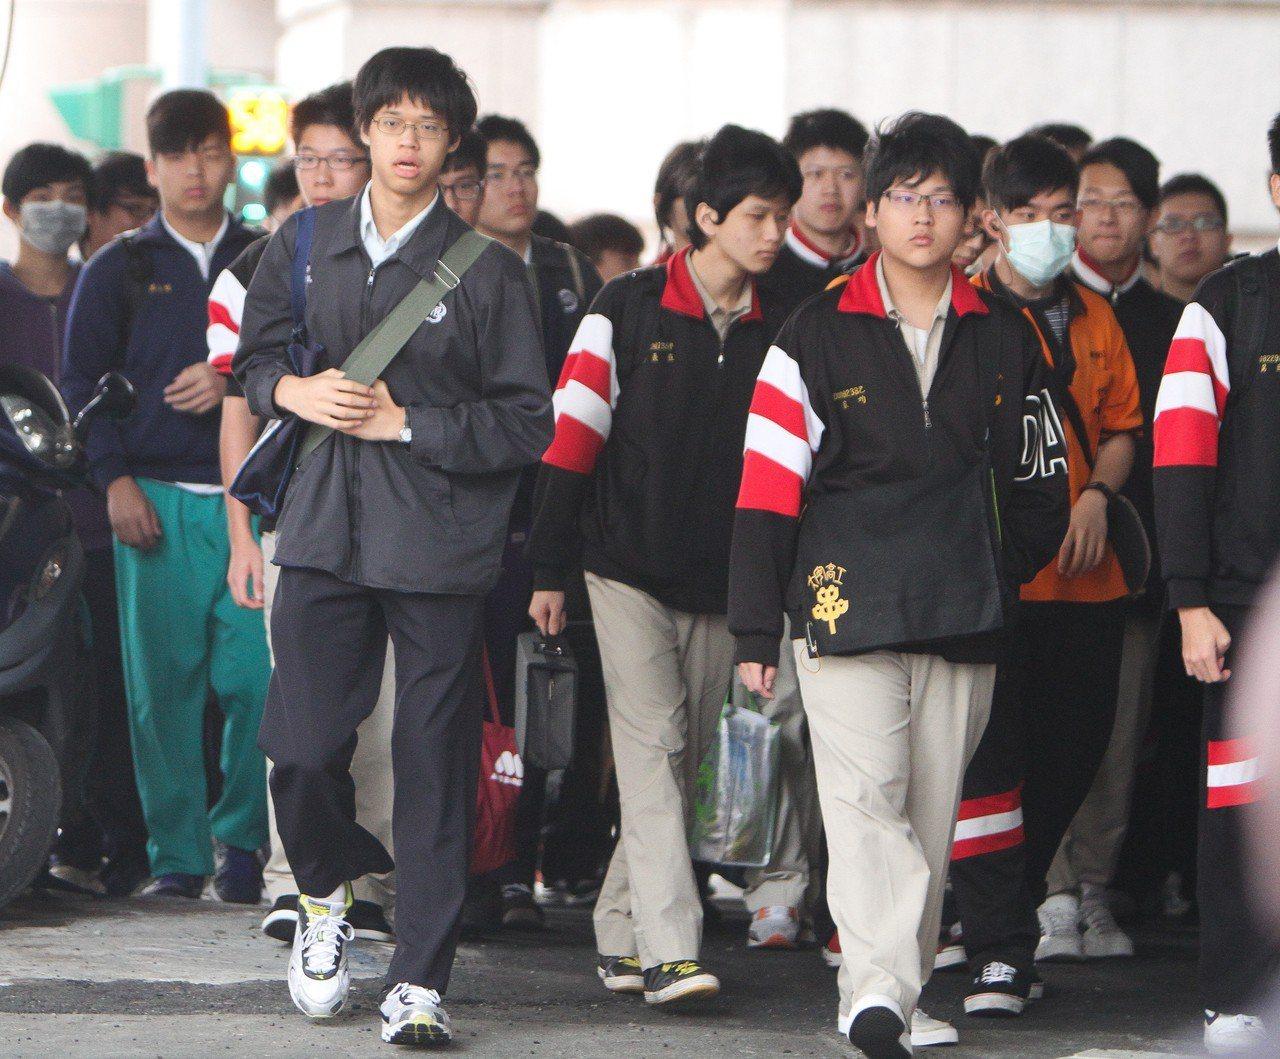 圖為大安高工學生與鄰近的師大附中學生通勤上學的情況。本報資料照/記者鄭清元攝影